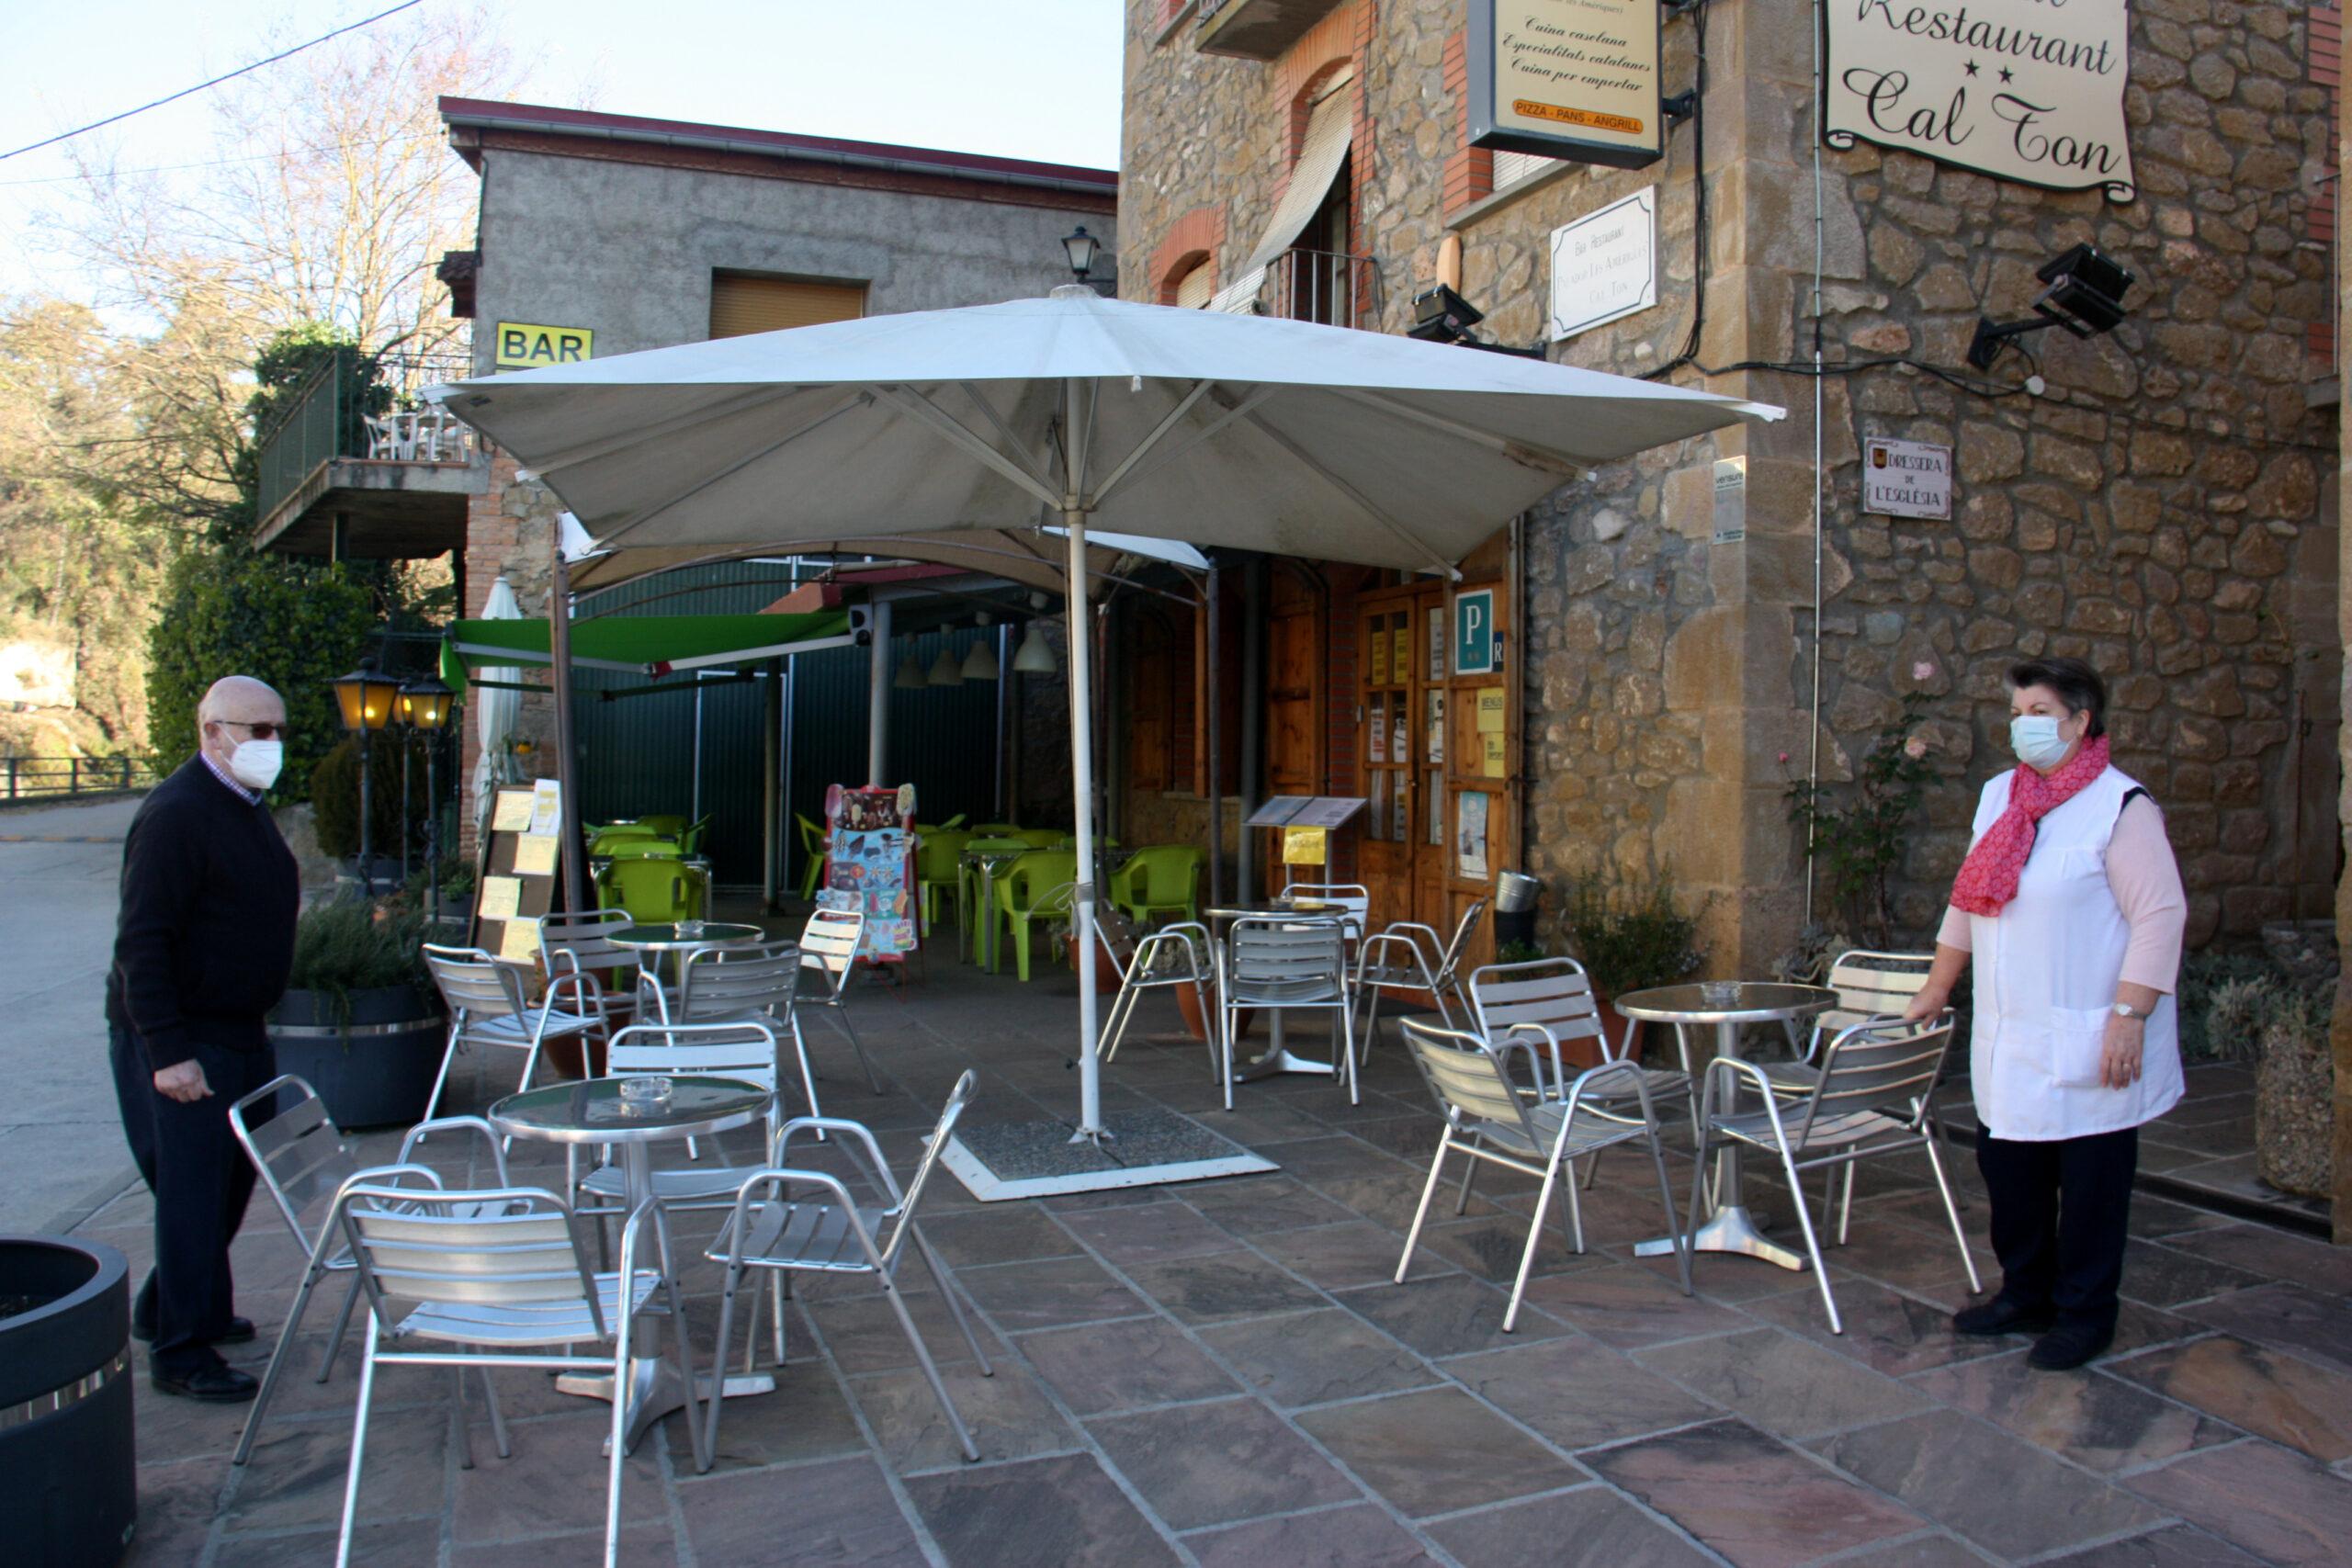 Els propietaris de l'Hostal Restaurant Cal Ton d'Ogern, a Bassella (Alt Urgell), acabant d'endreçar les taules de la terrassa en el primer dia de reobertura del sector de la restauració   ACN